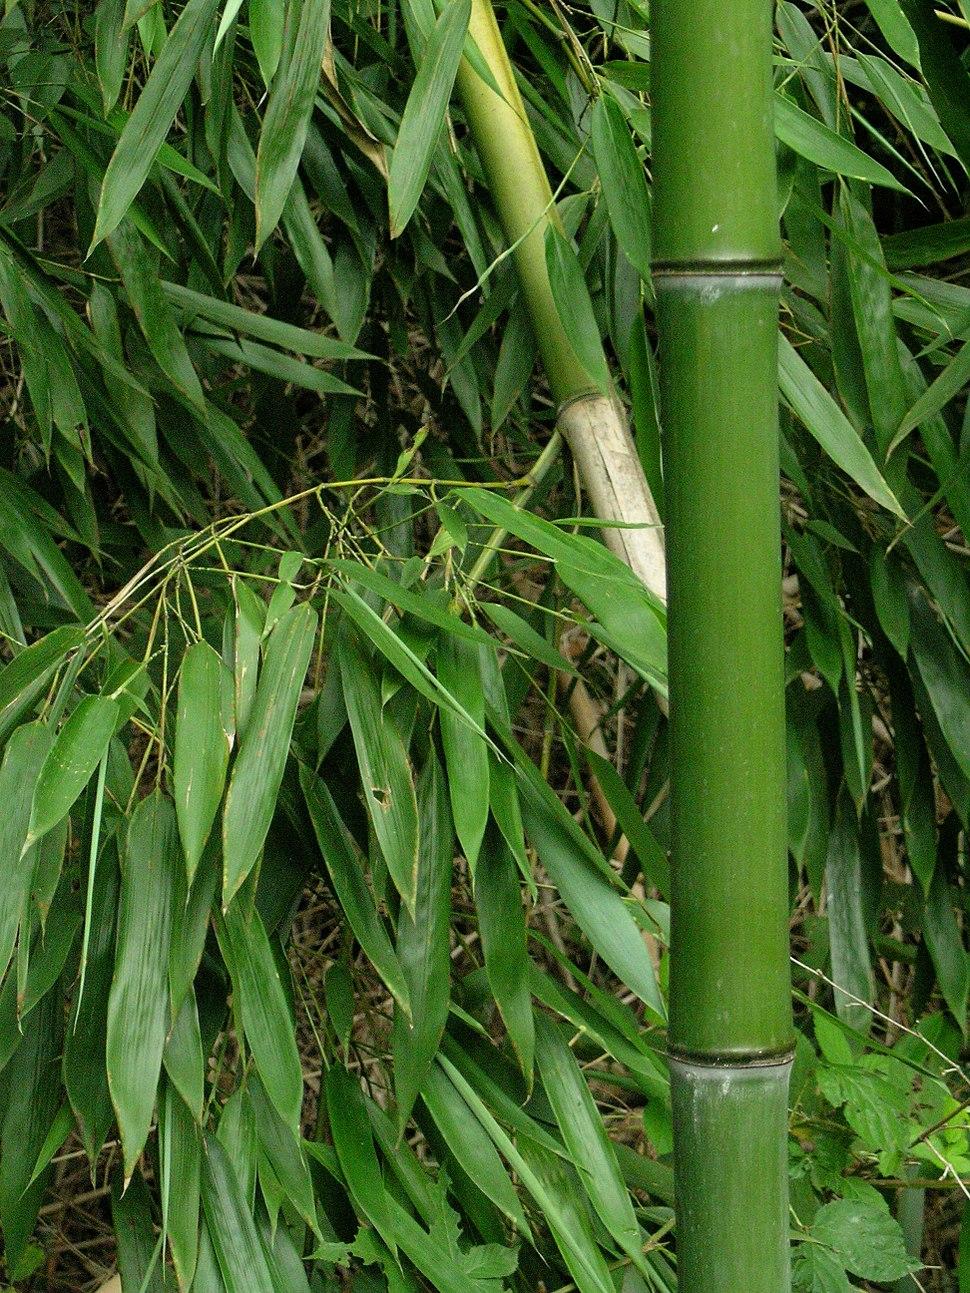 Bamboo DSCN2465